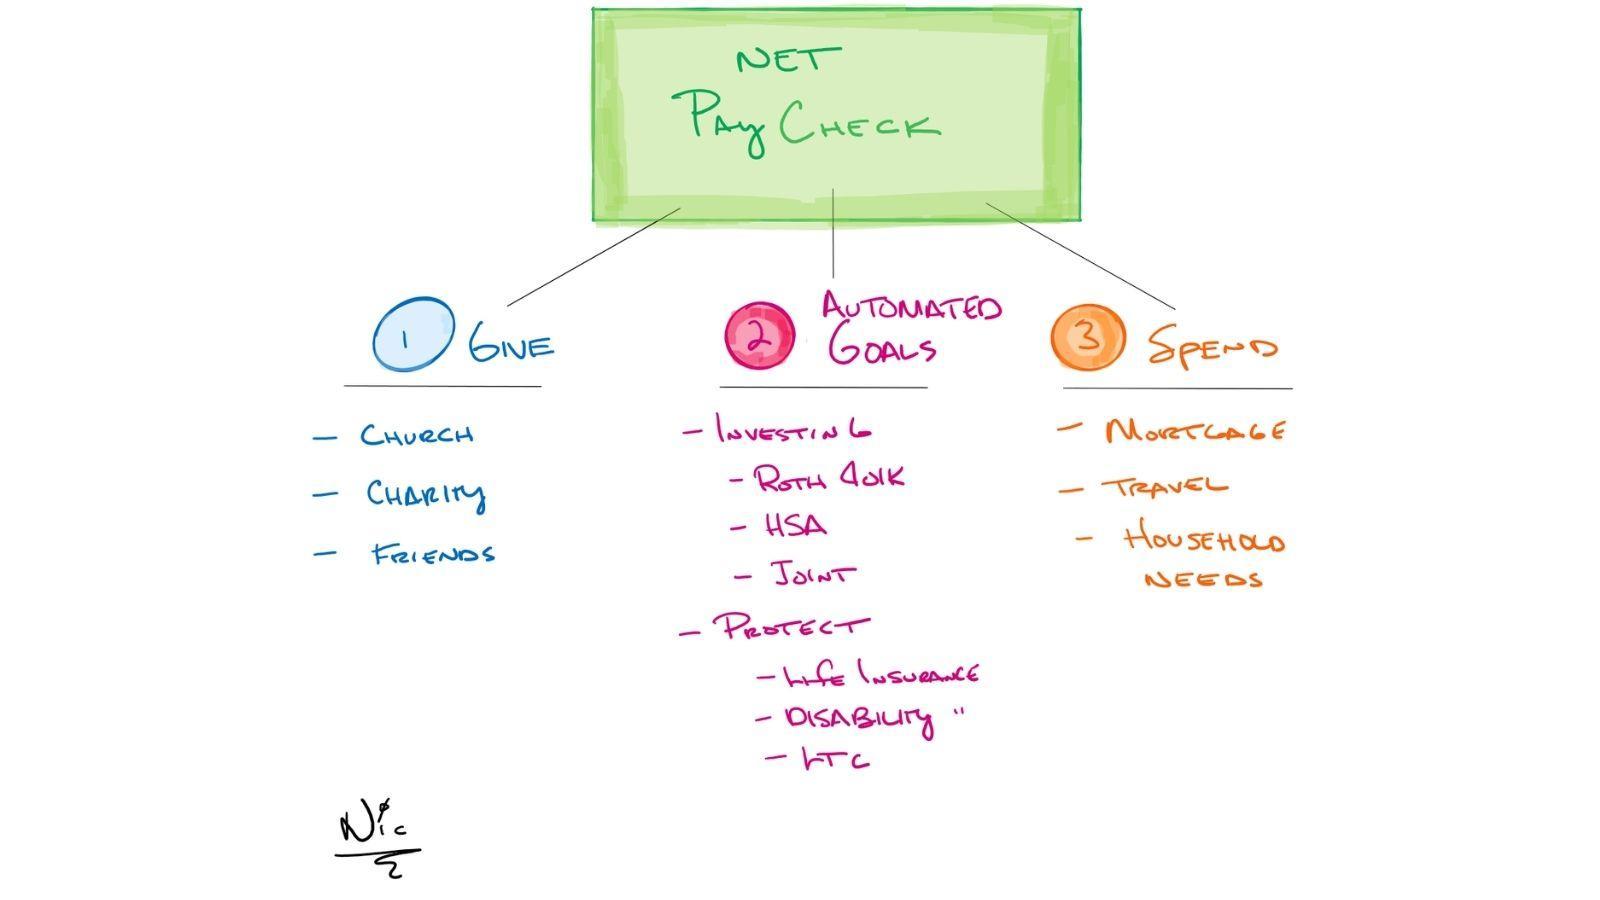 net paycheck